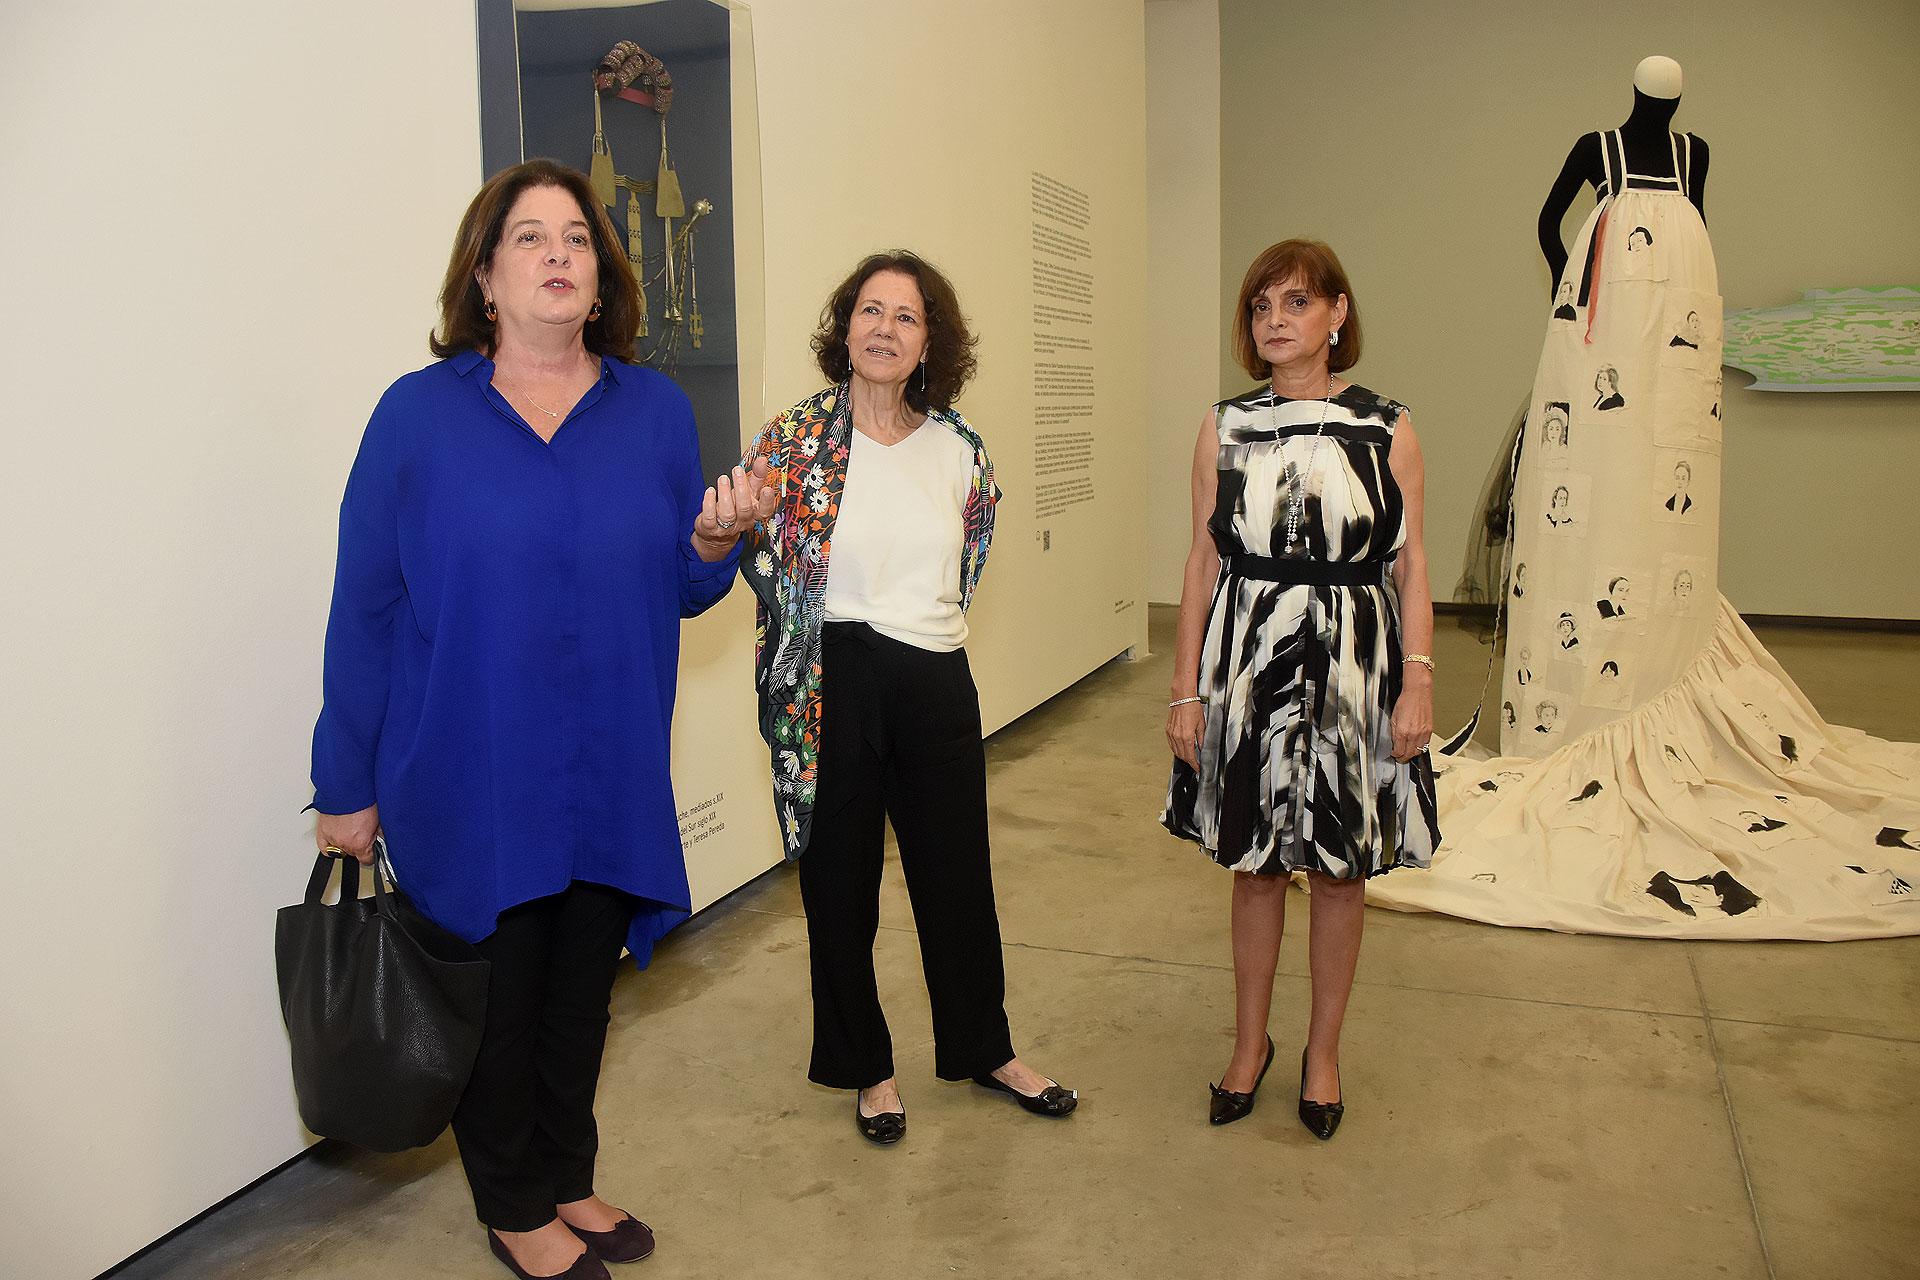 Adriana Rosenberg, directora de la Fundación Proa, junto a Mini Zuccheri y Claudia Stad